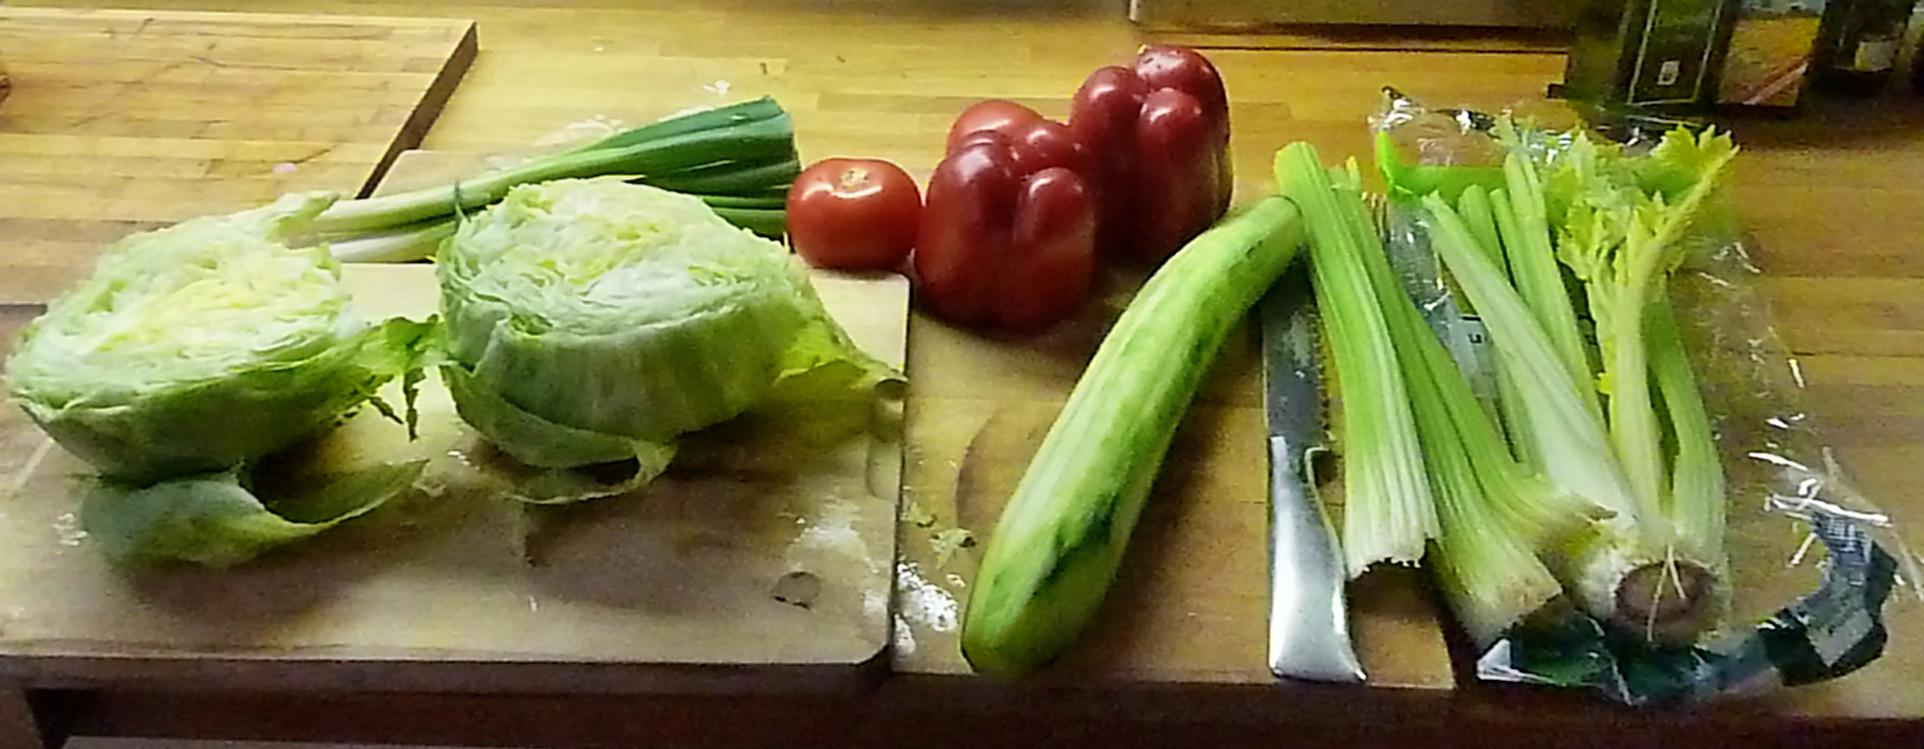 Gemüse für den heutigen Tag